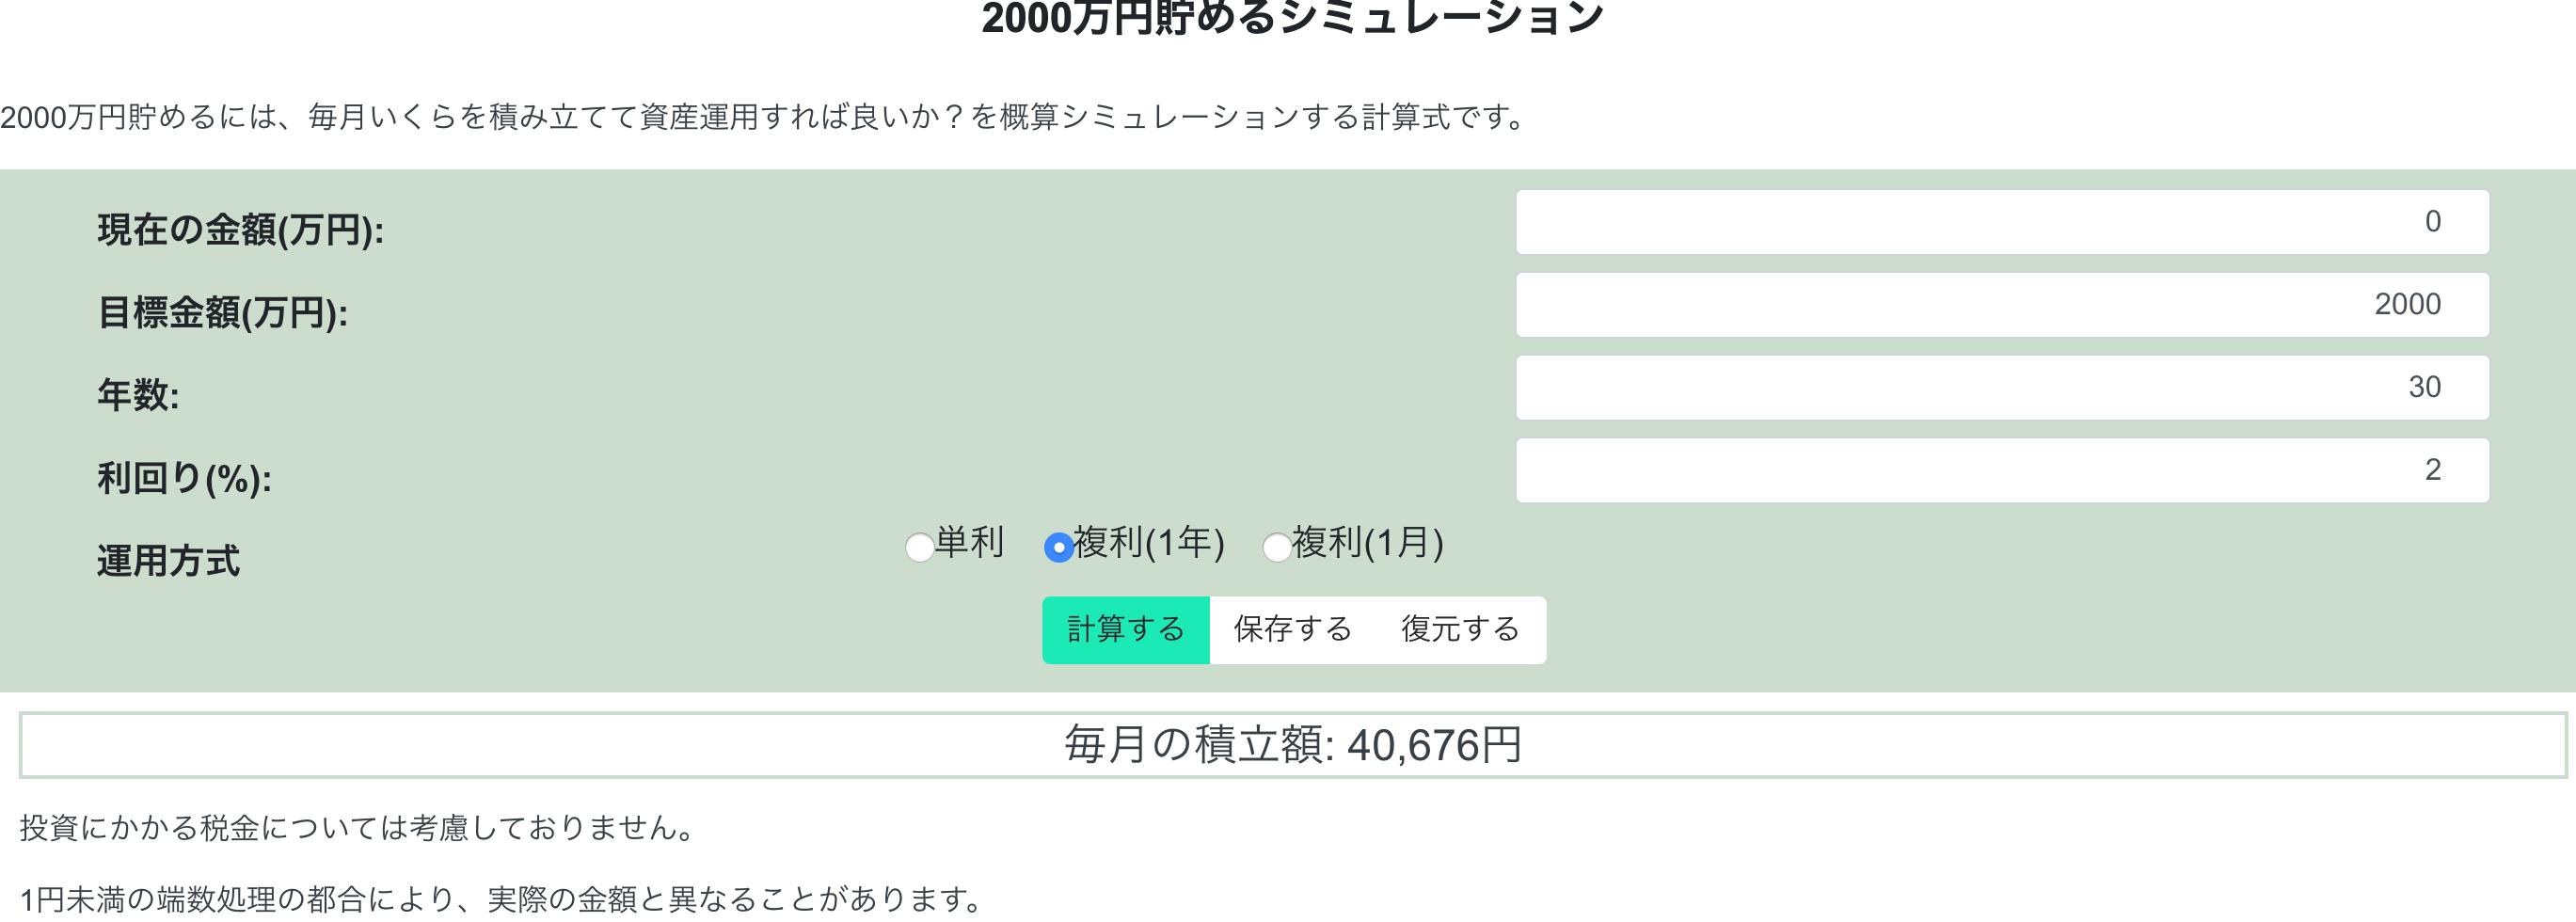 年収別で考える資産運用・株式投資(おすすめの対処法)_年収300万円1